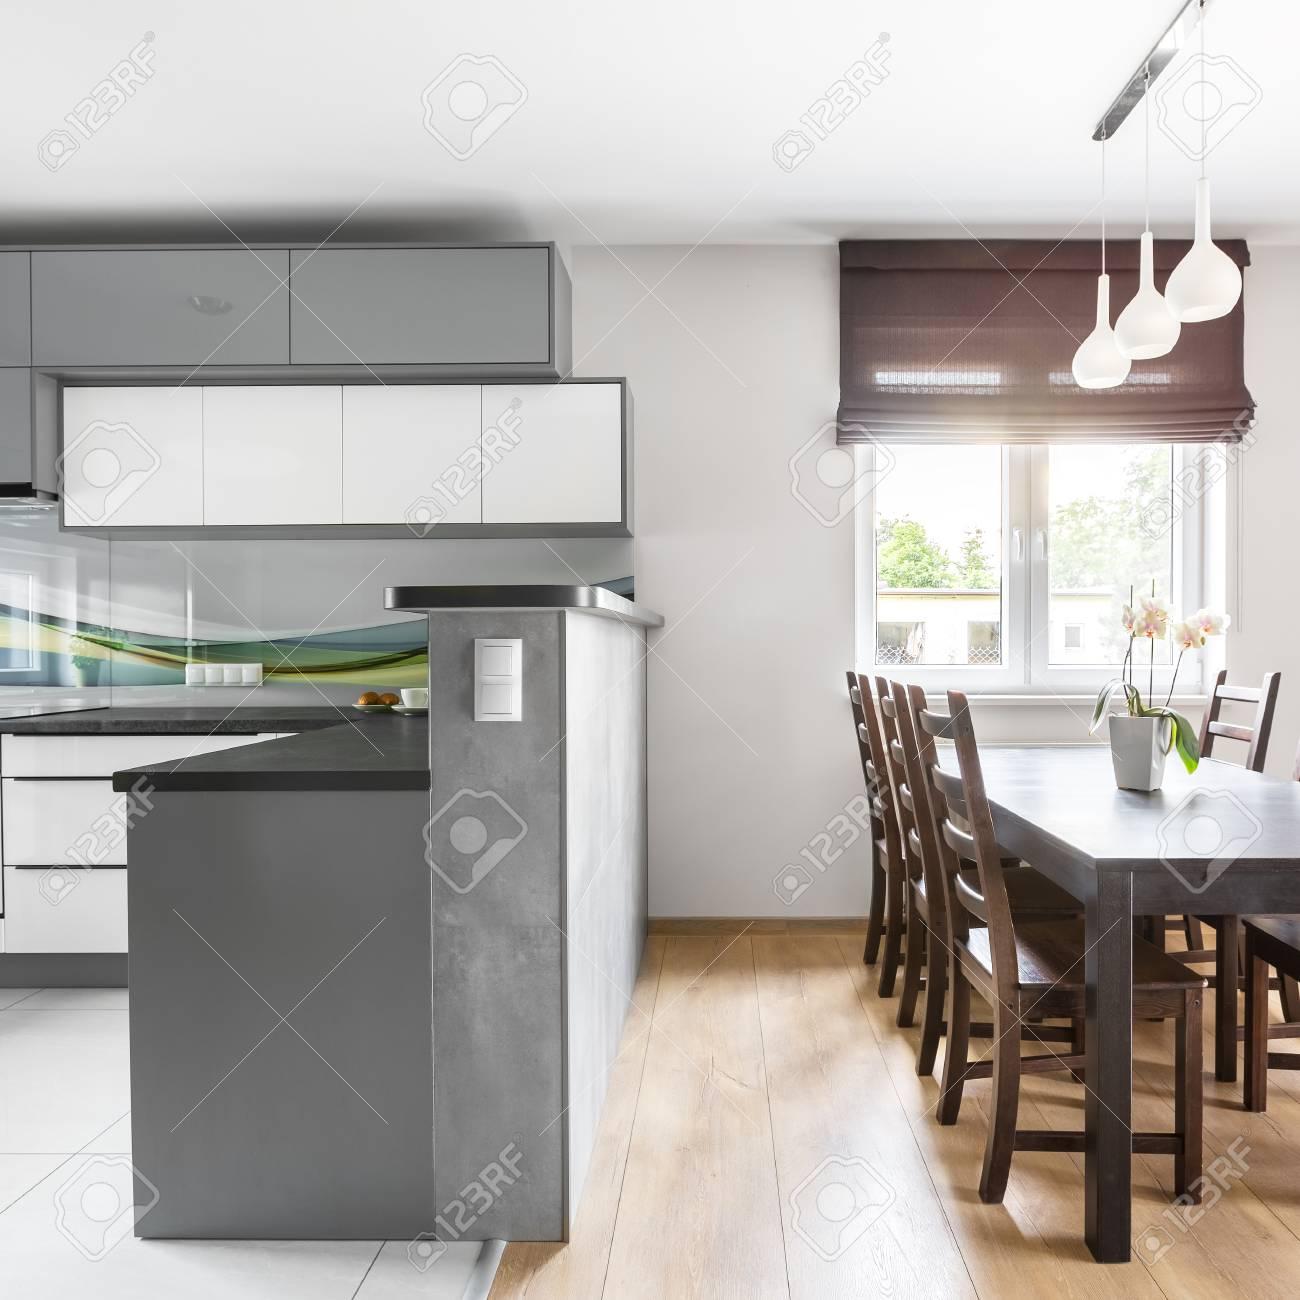 villa interieur mit hellen geraumigen kuche offen zum essbereich mit fenster